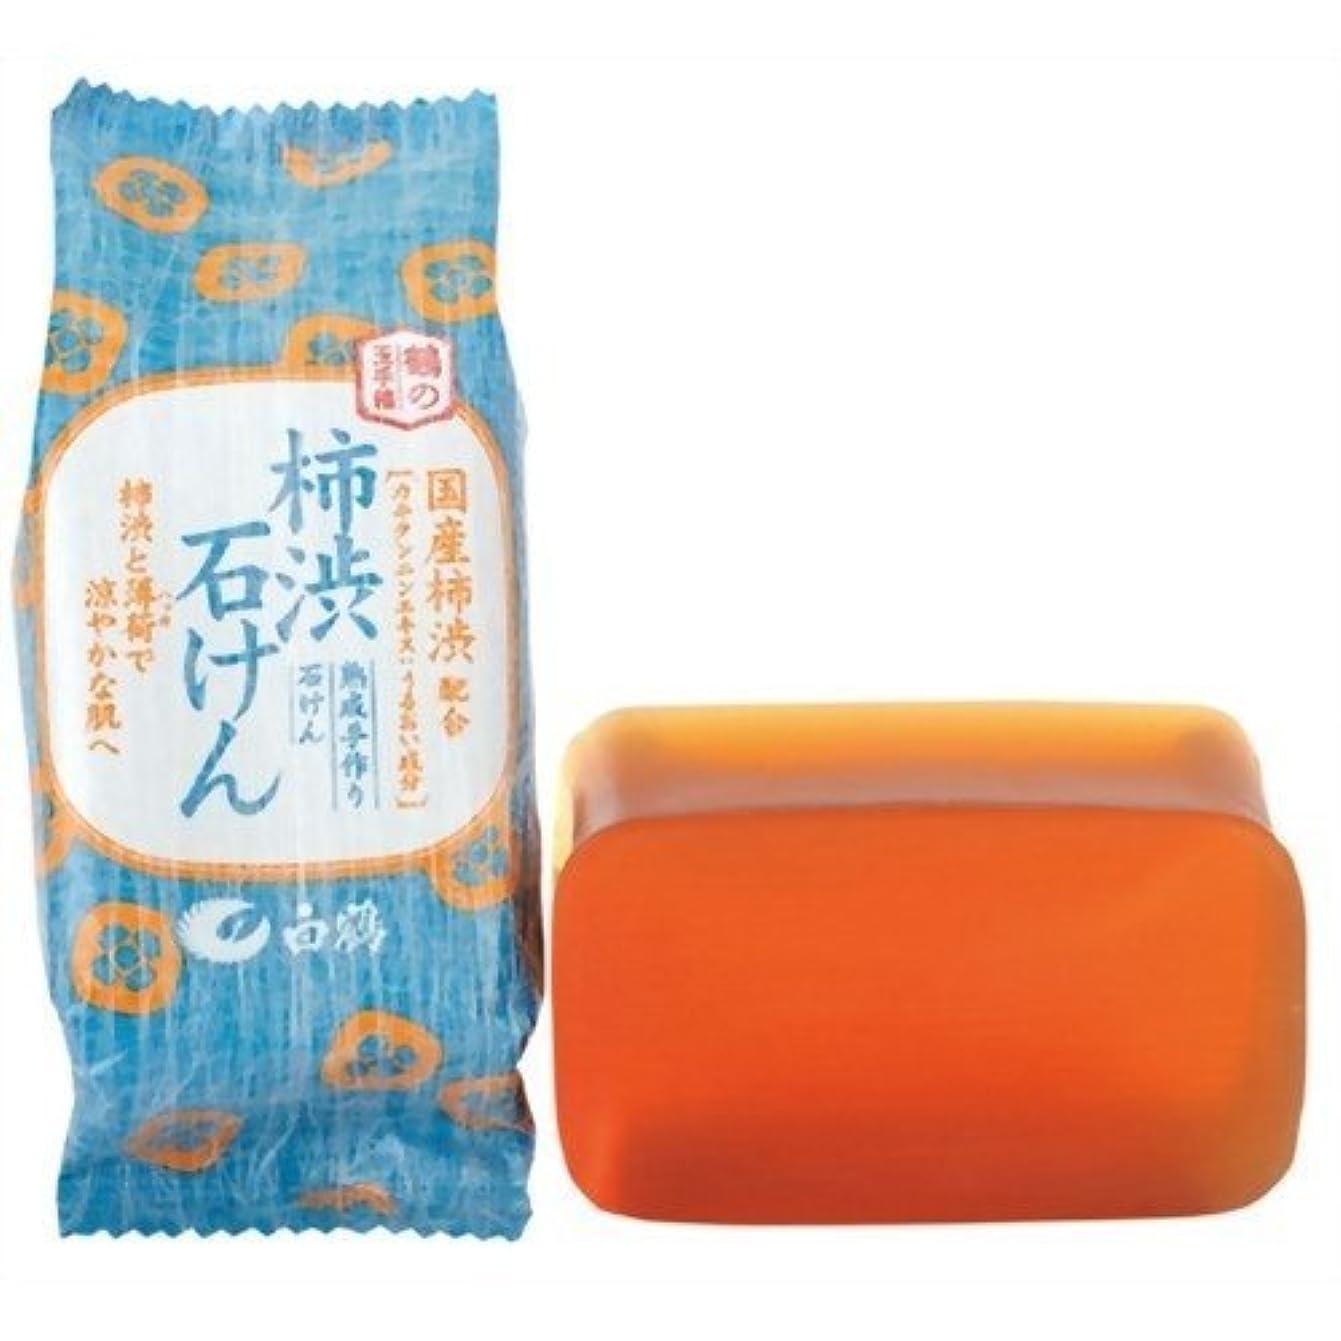 記念品甘美な葡萄白鶴 鶴の玉手箱 薬用 柿渋石けん 110g × 10個